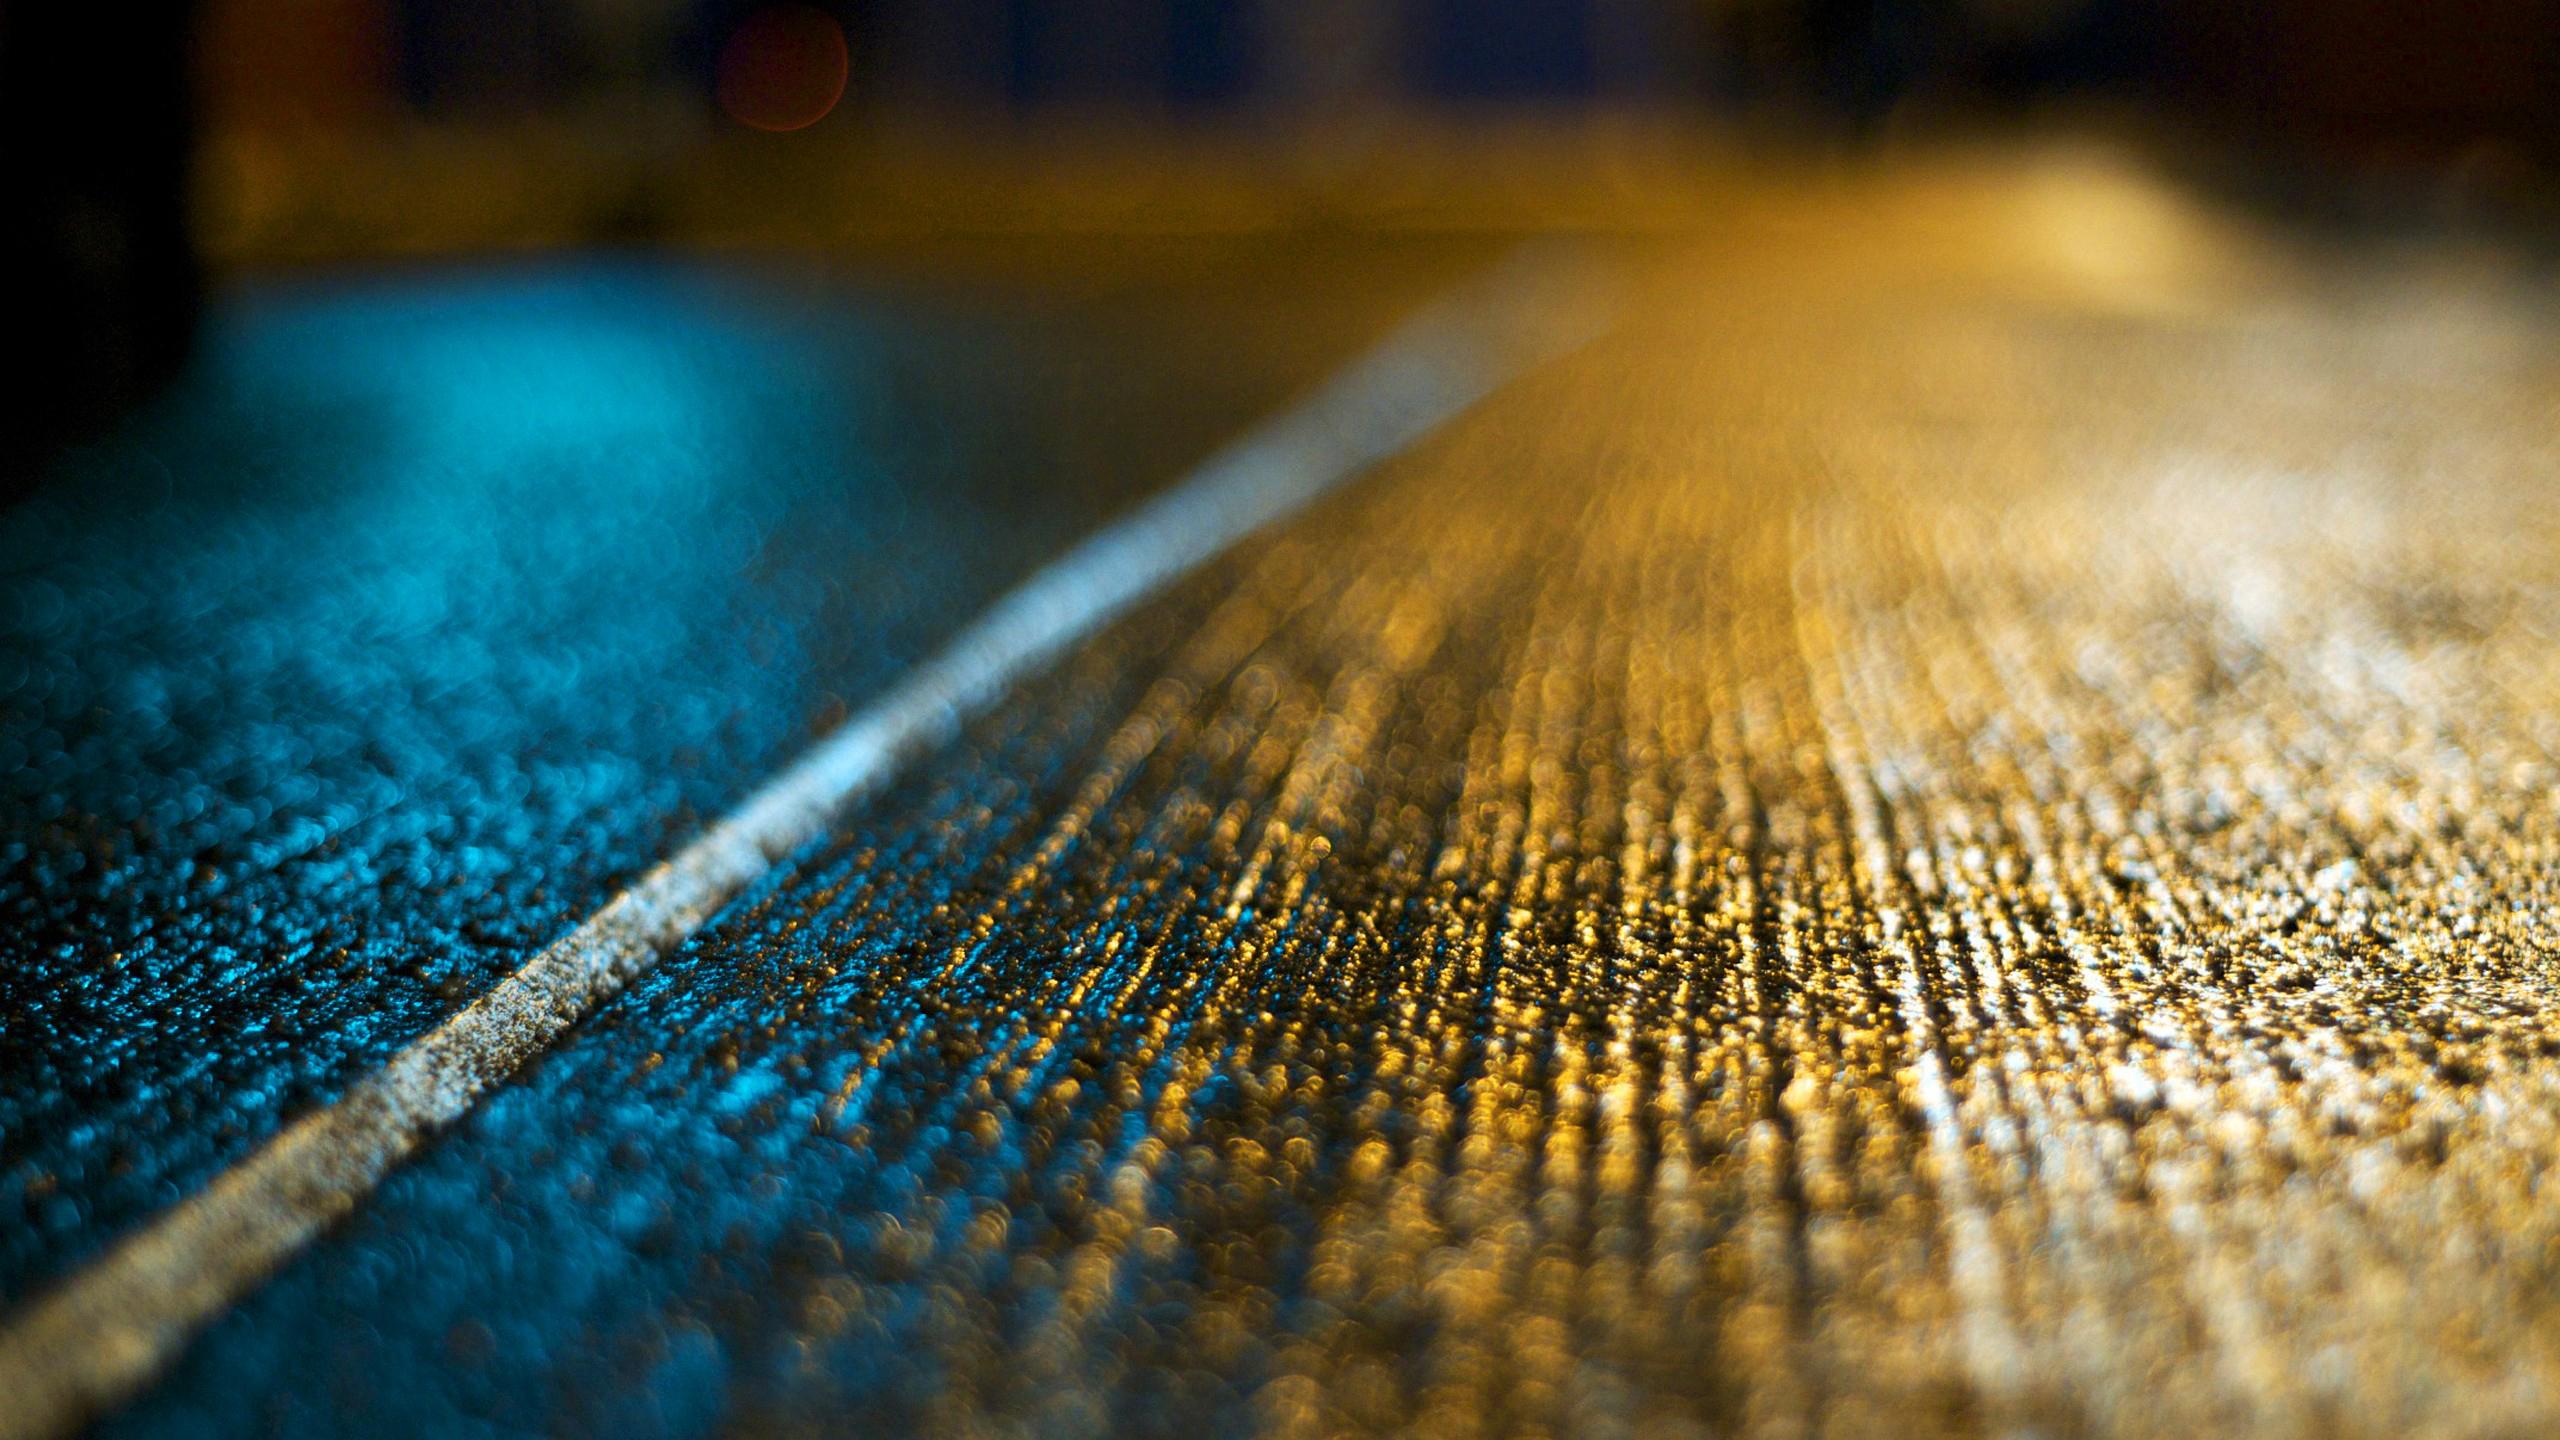 Street Macro Photography Wallpaper Dekstop 2560x1440